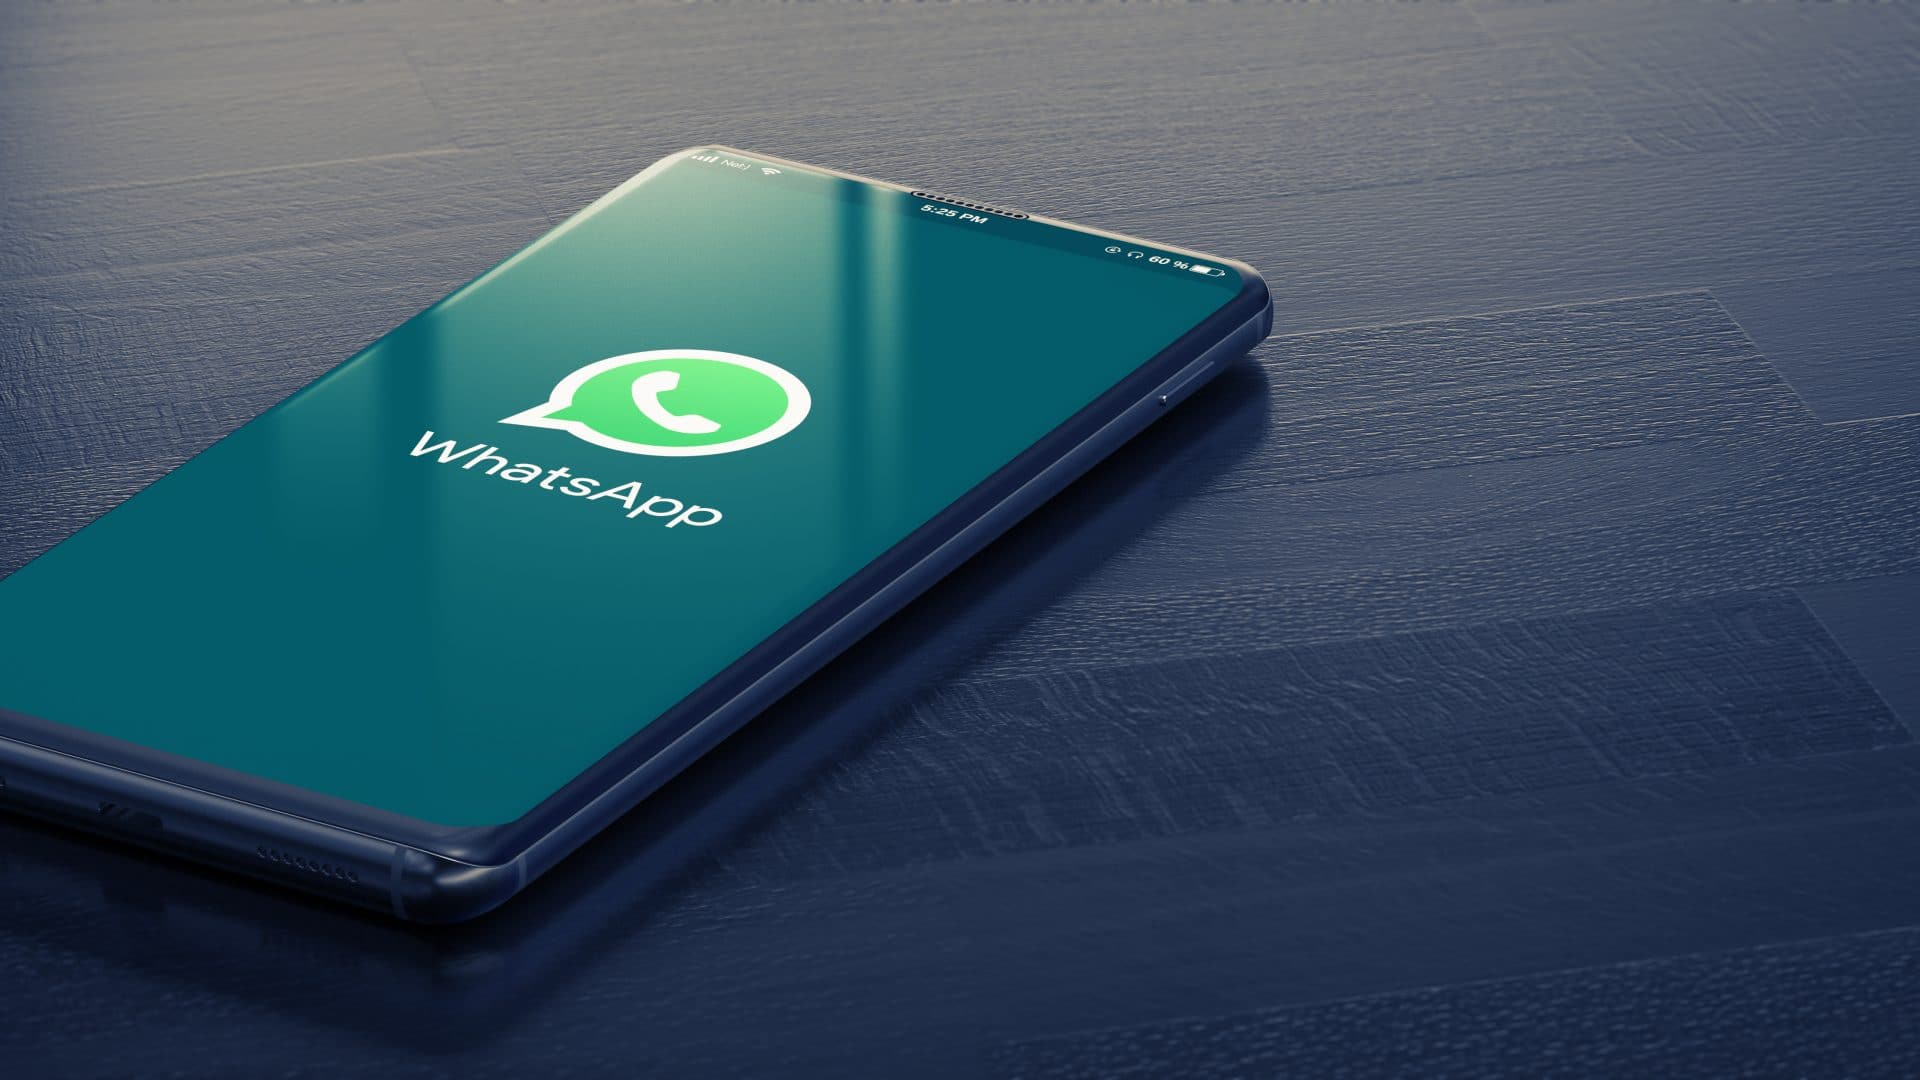 ANPD divulga orientações aos usuários sobre a nova política de privacidade do Whatsapp